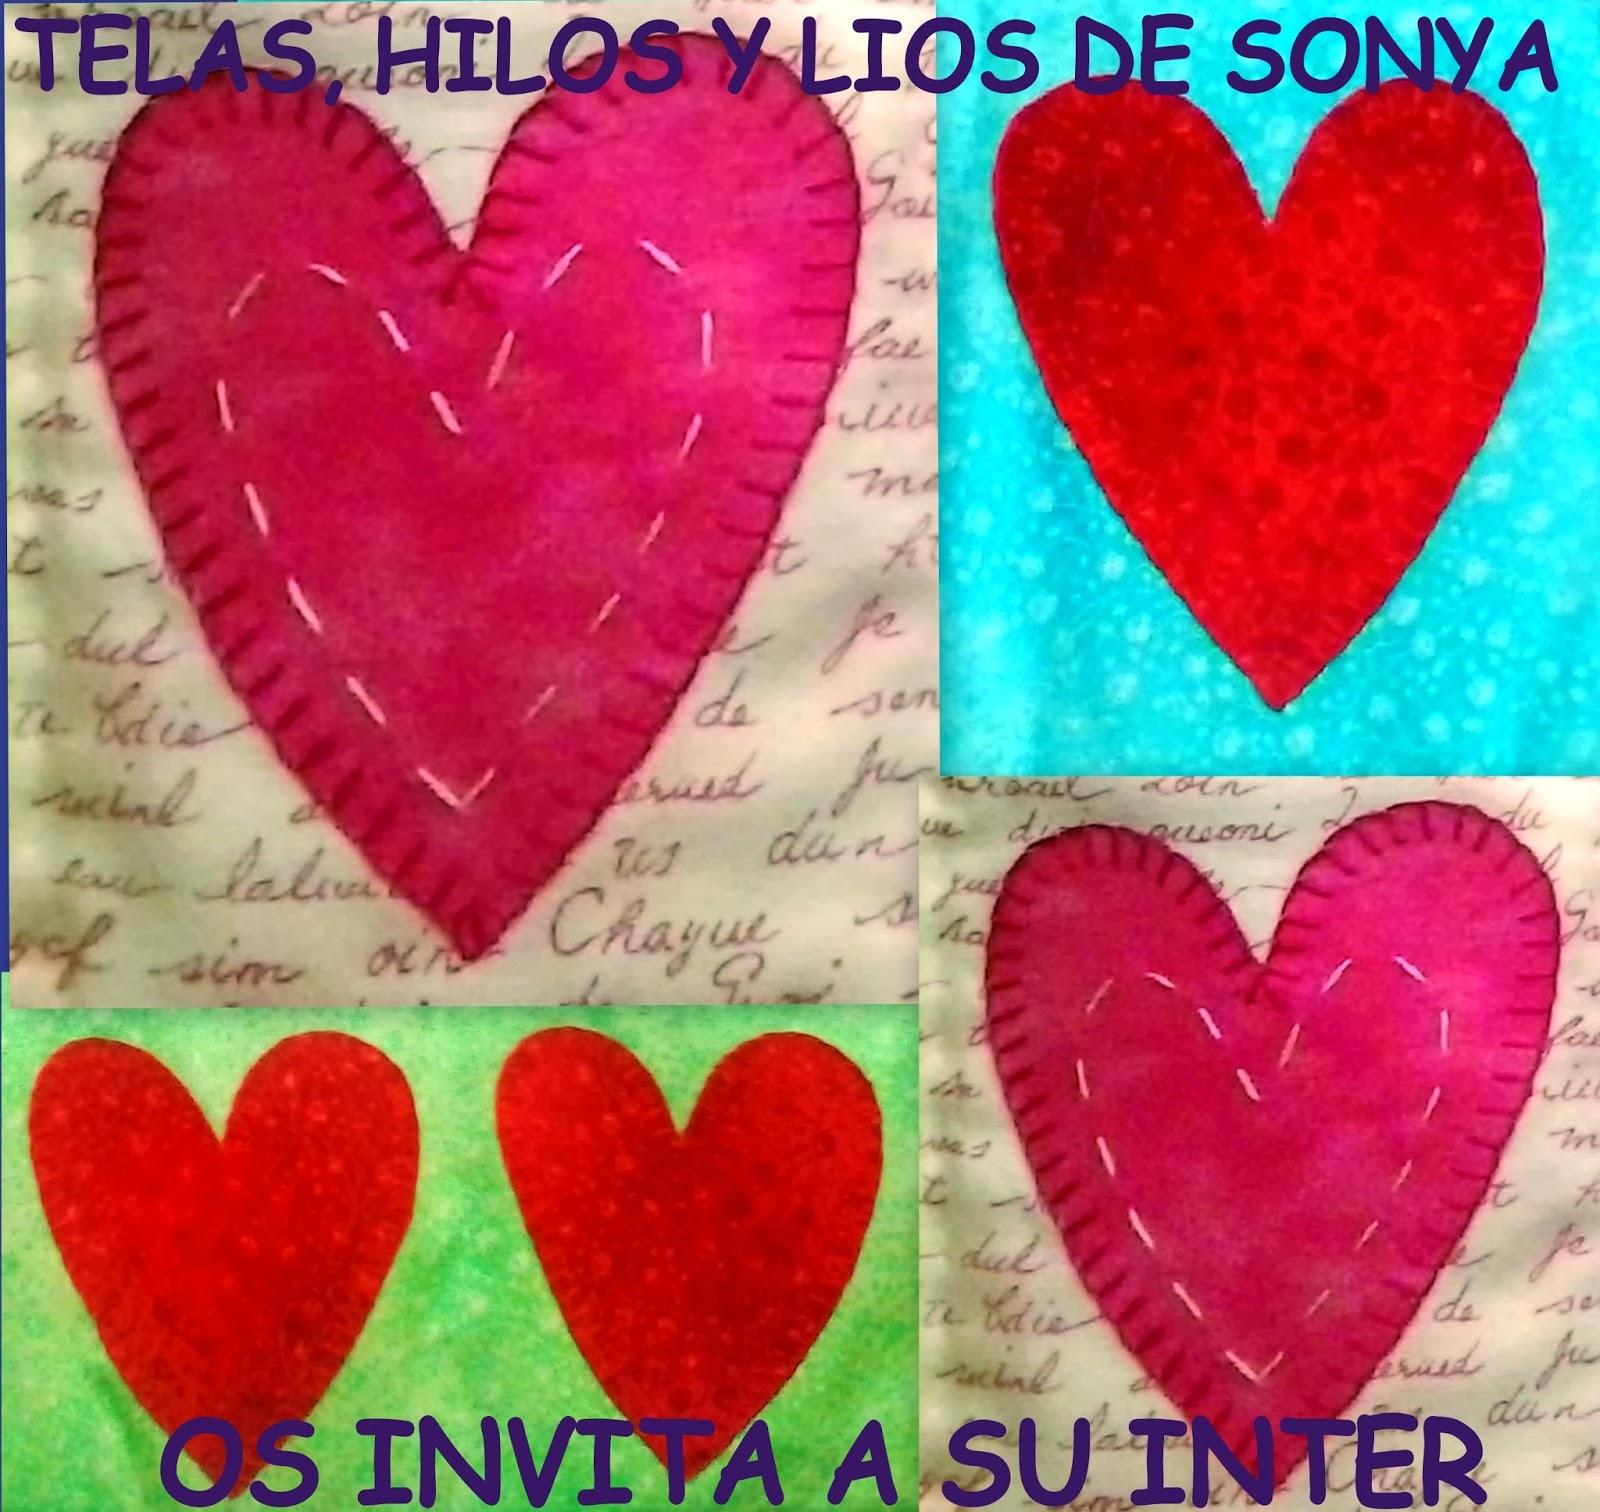 Inter de Telas, hilos y Lios de Sonya